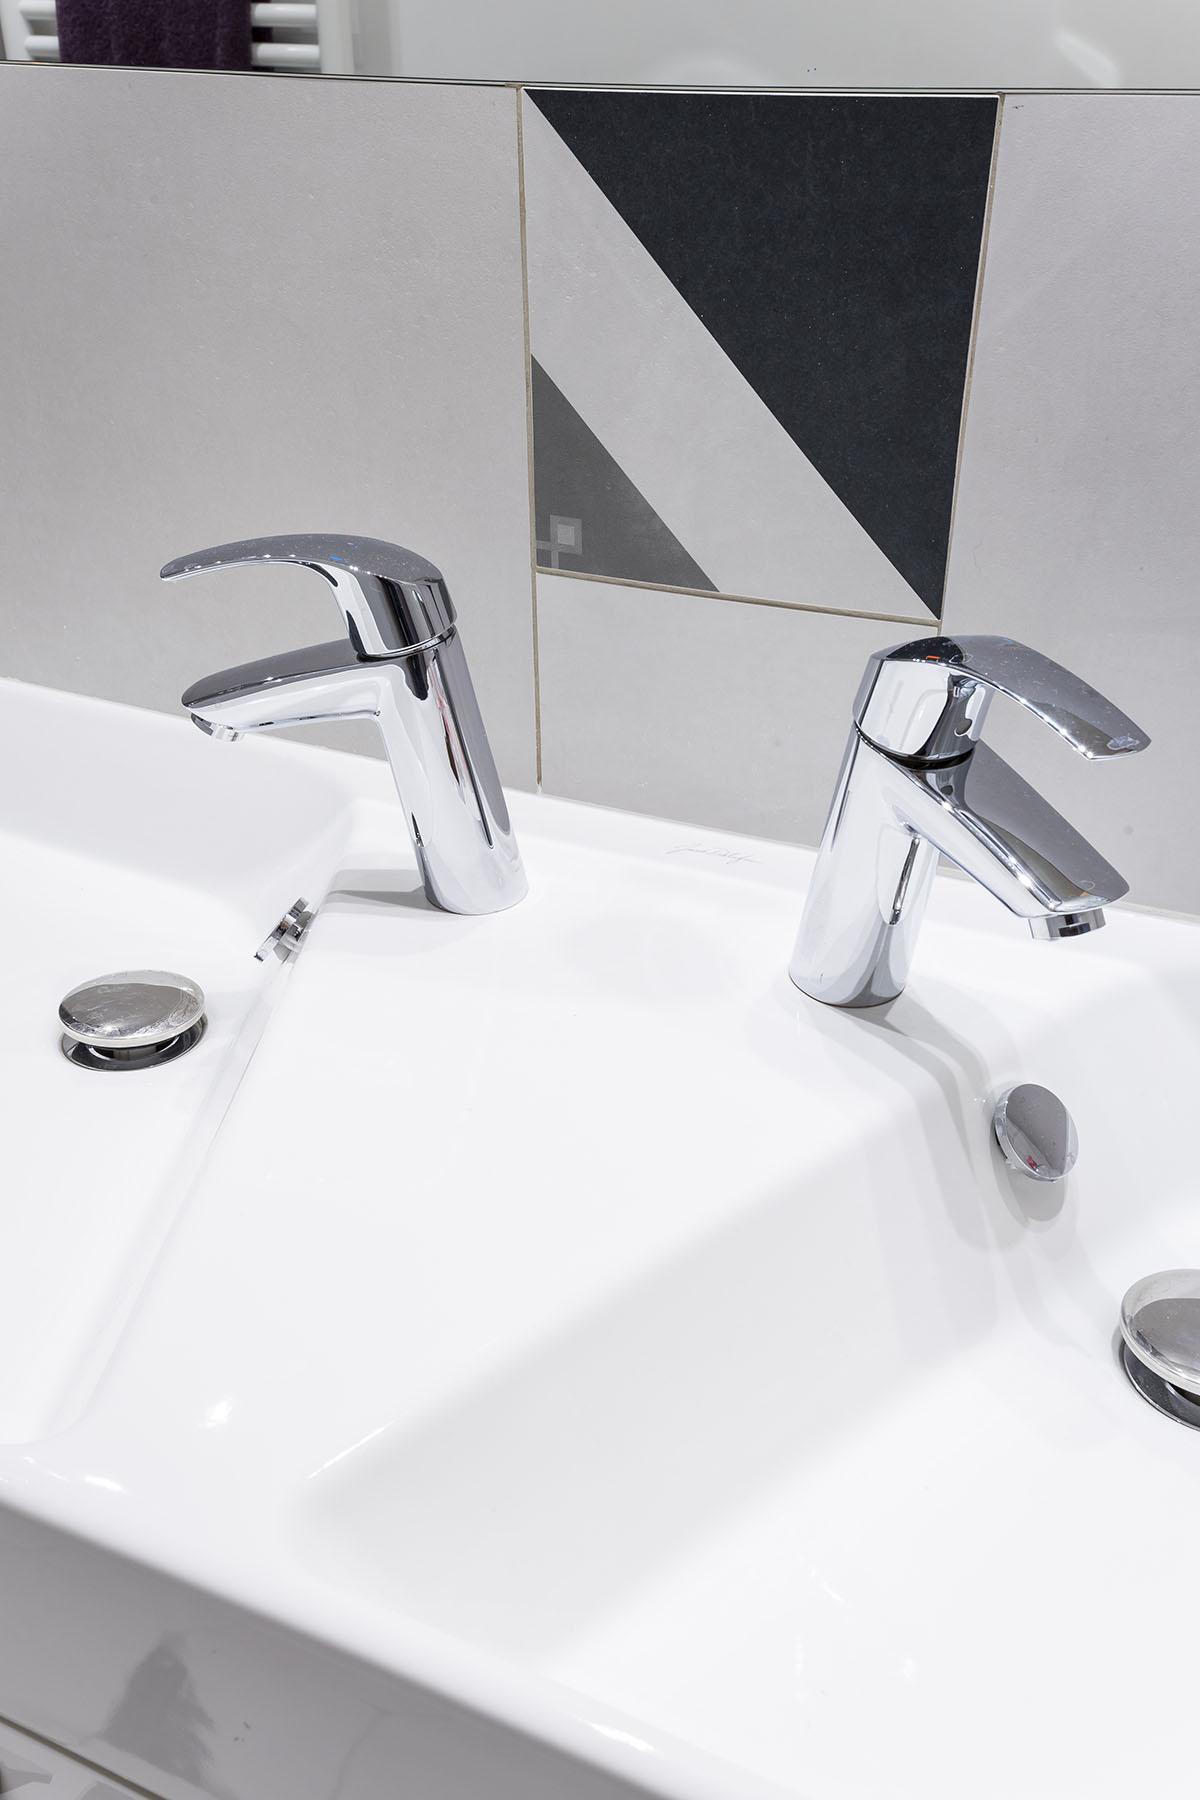 INDUSTRIEL MONT salle de bain détail